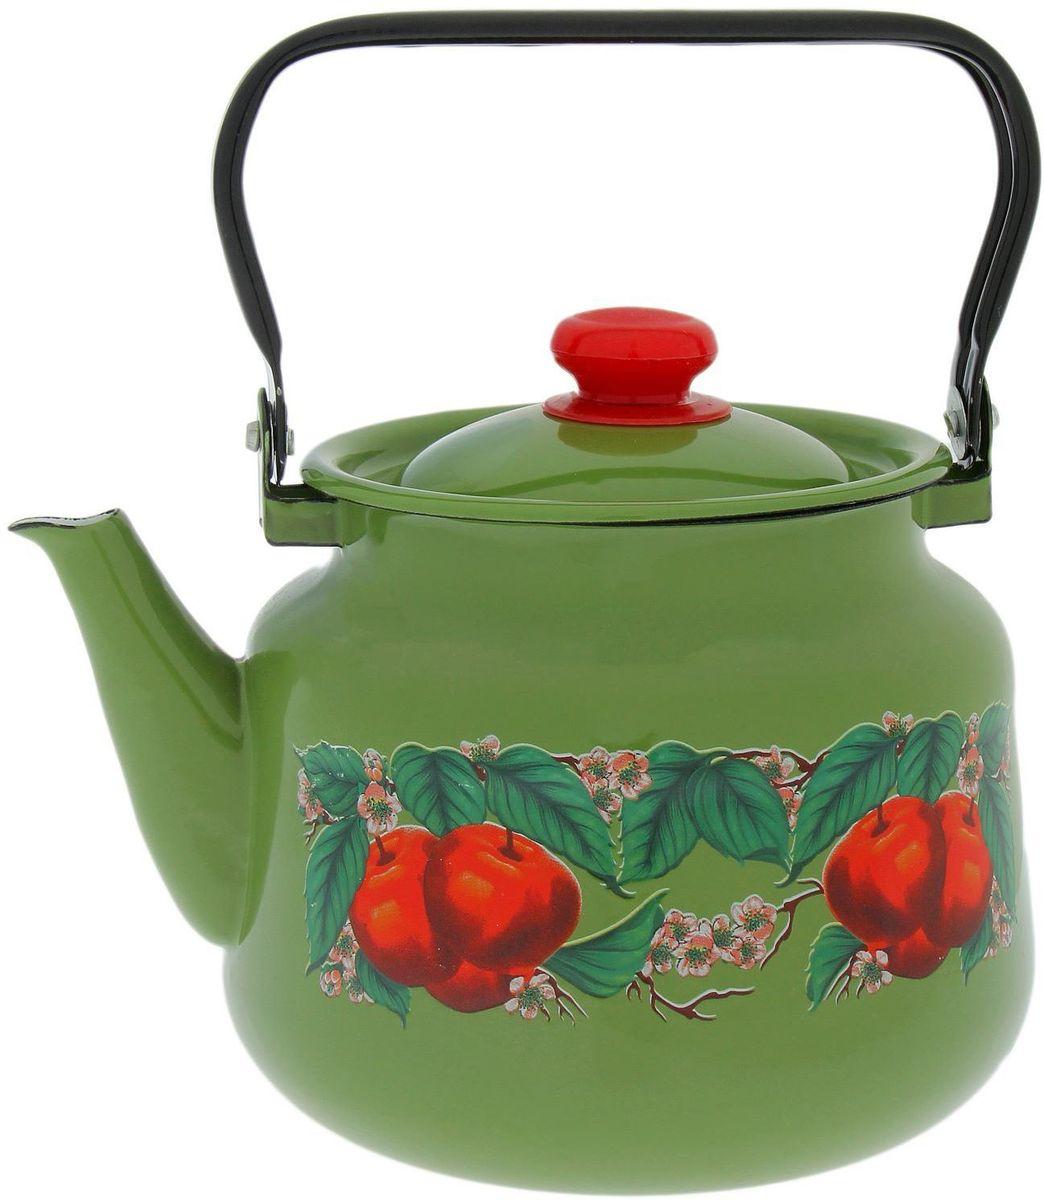 Чайник эмалированный Epos Яблоко зеленое, 3,5 л1770692Чайник Epos Яблоко зеленое выполнен из высококачественной стали с эмалированным покрытием. Поверхность чайникагладкая, что облегчает уход за ним. Большой объемпозволит приготовить напиток для всей семьи илинебольшой компании. Эстетичный и функциональный чайник будеторигинально смотреться в любом интерьере. Душевная атмосфера и со вкусом накрытый стол всегда будут собирать в вашем доме близких и друзей.Чайник подходит для использования на всех типах плит. Объем: 3,5 л.